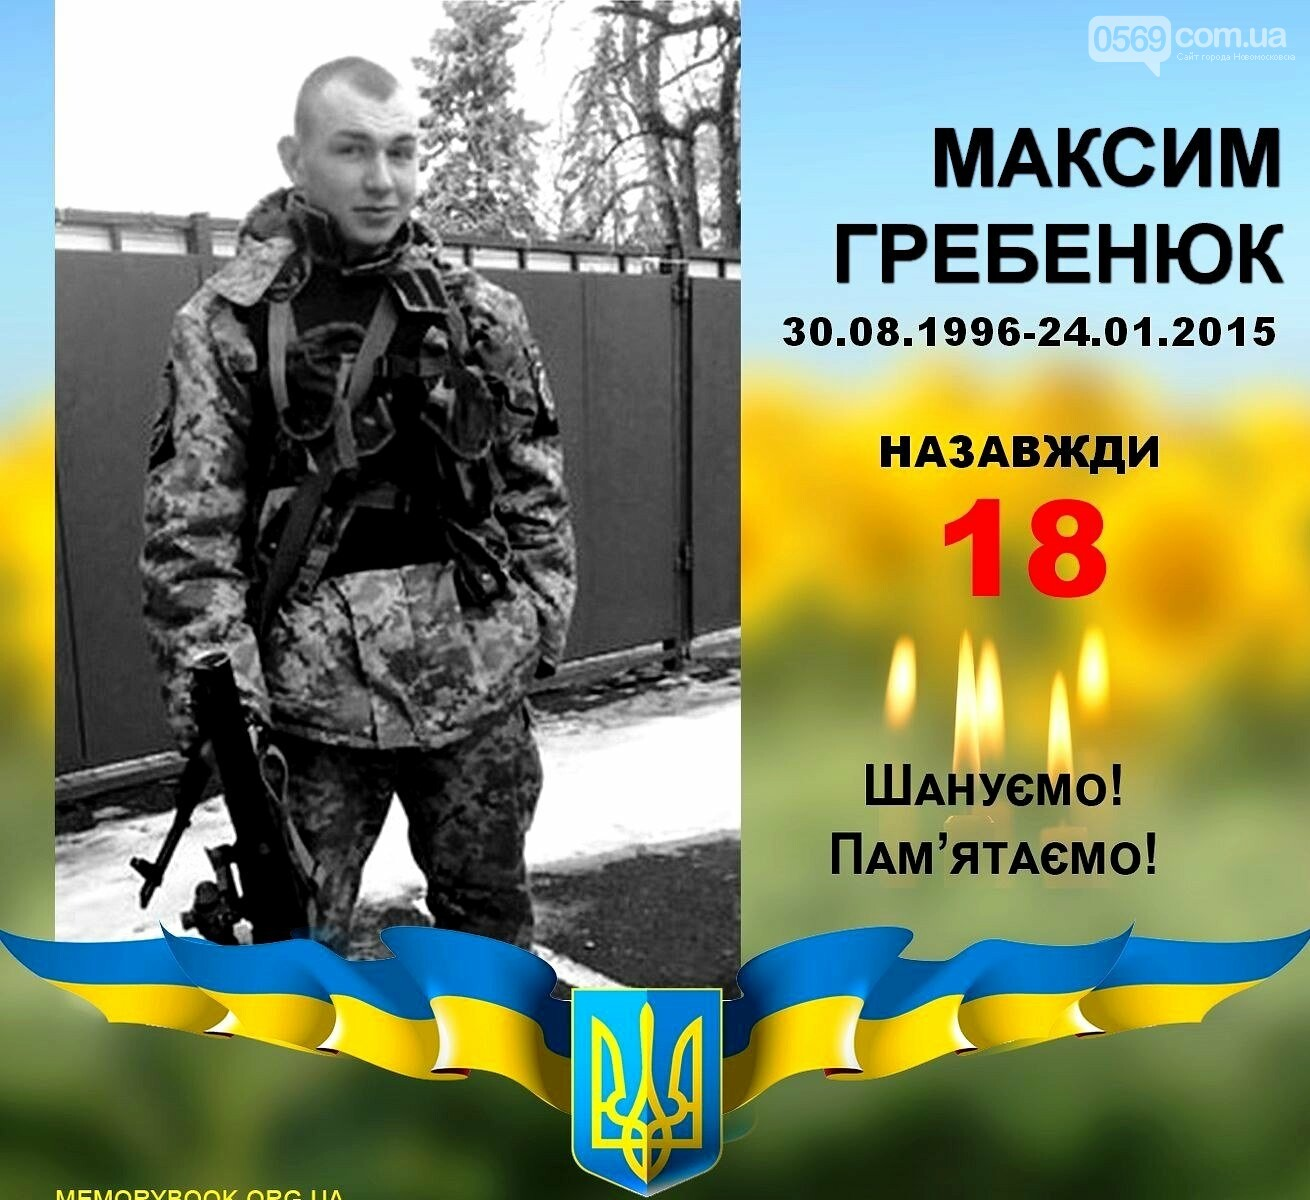 Назавжди 18: у Новомосковську згадують полеглого в АТО Максима Гребенюка, фото-1